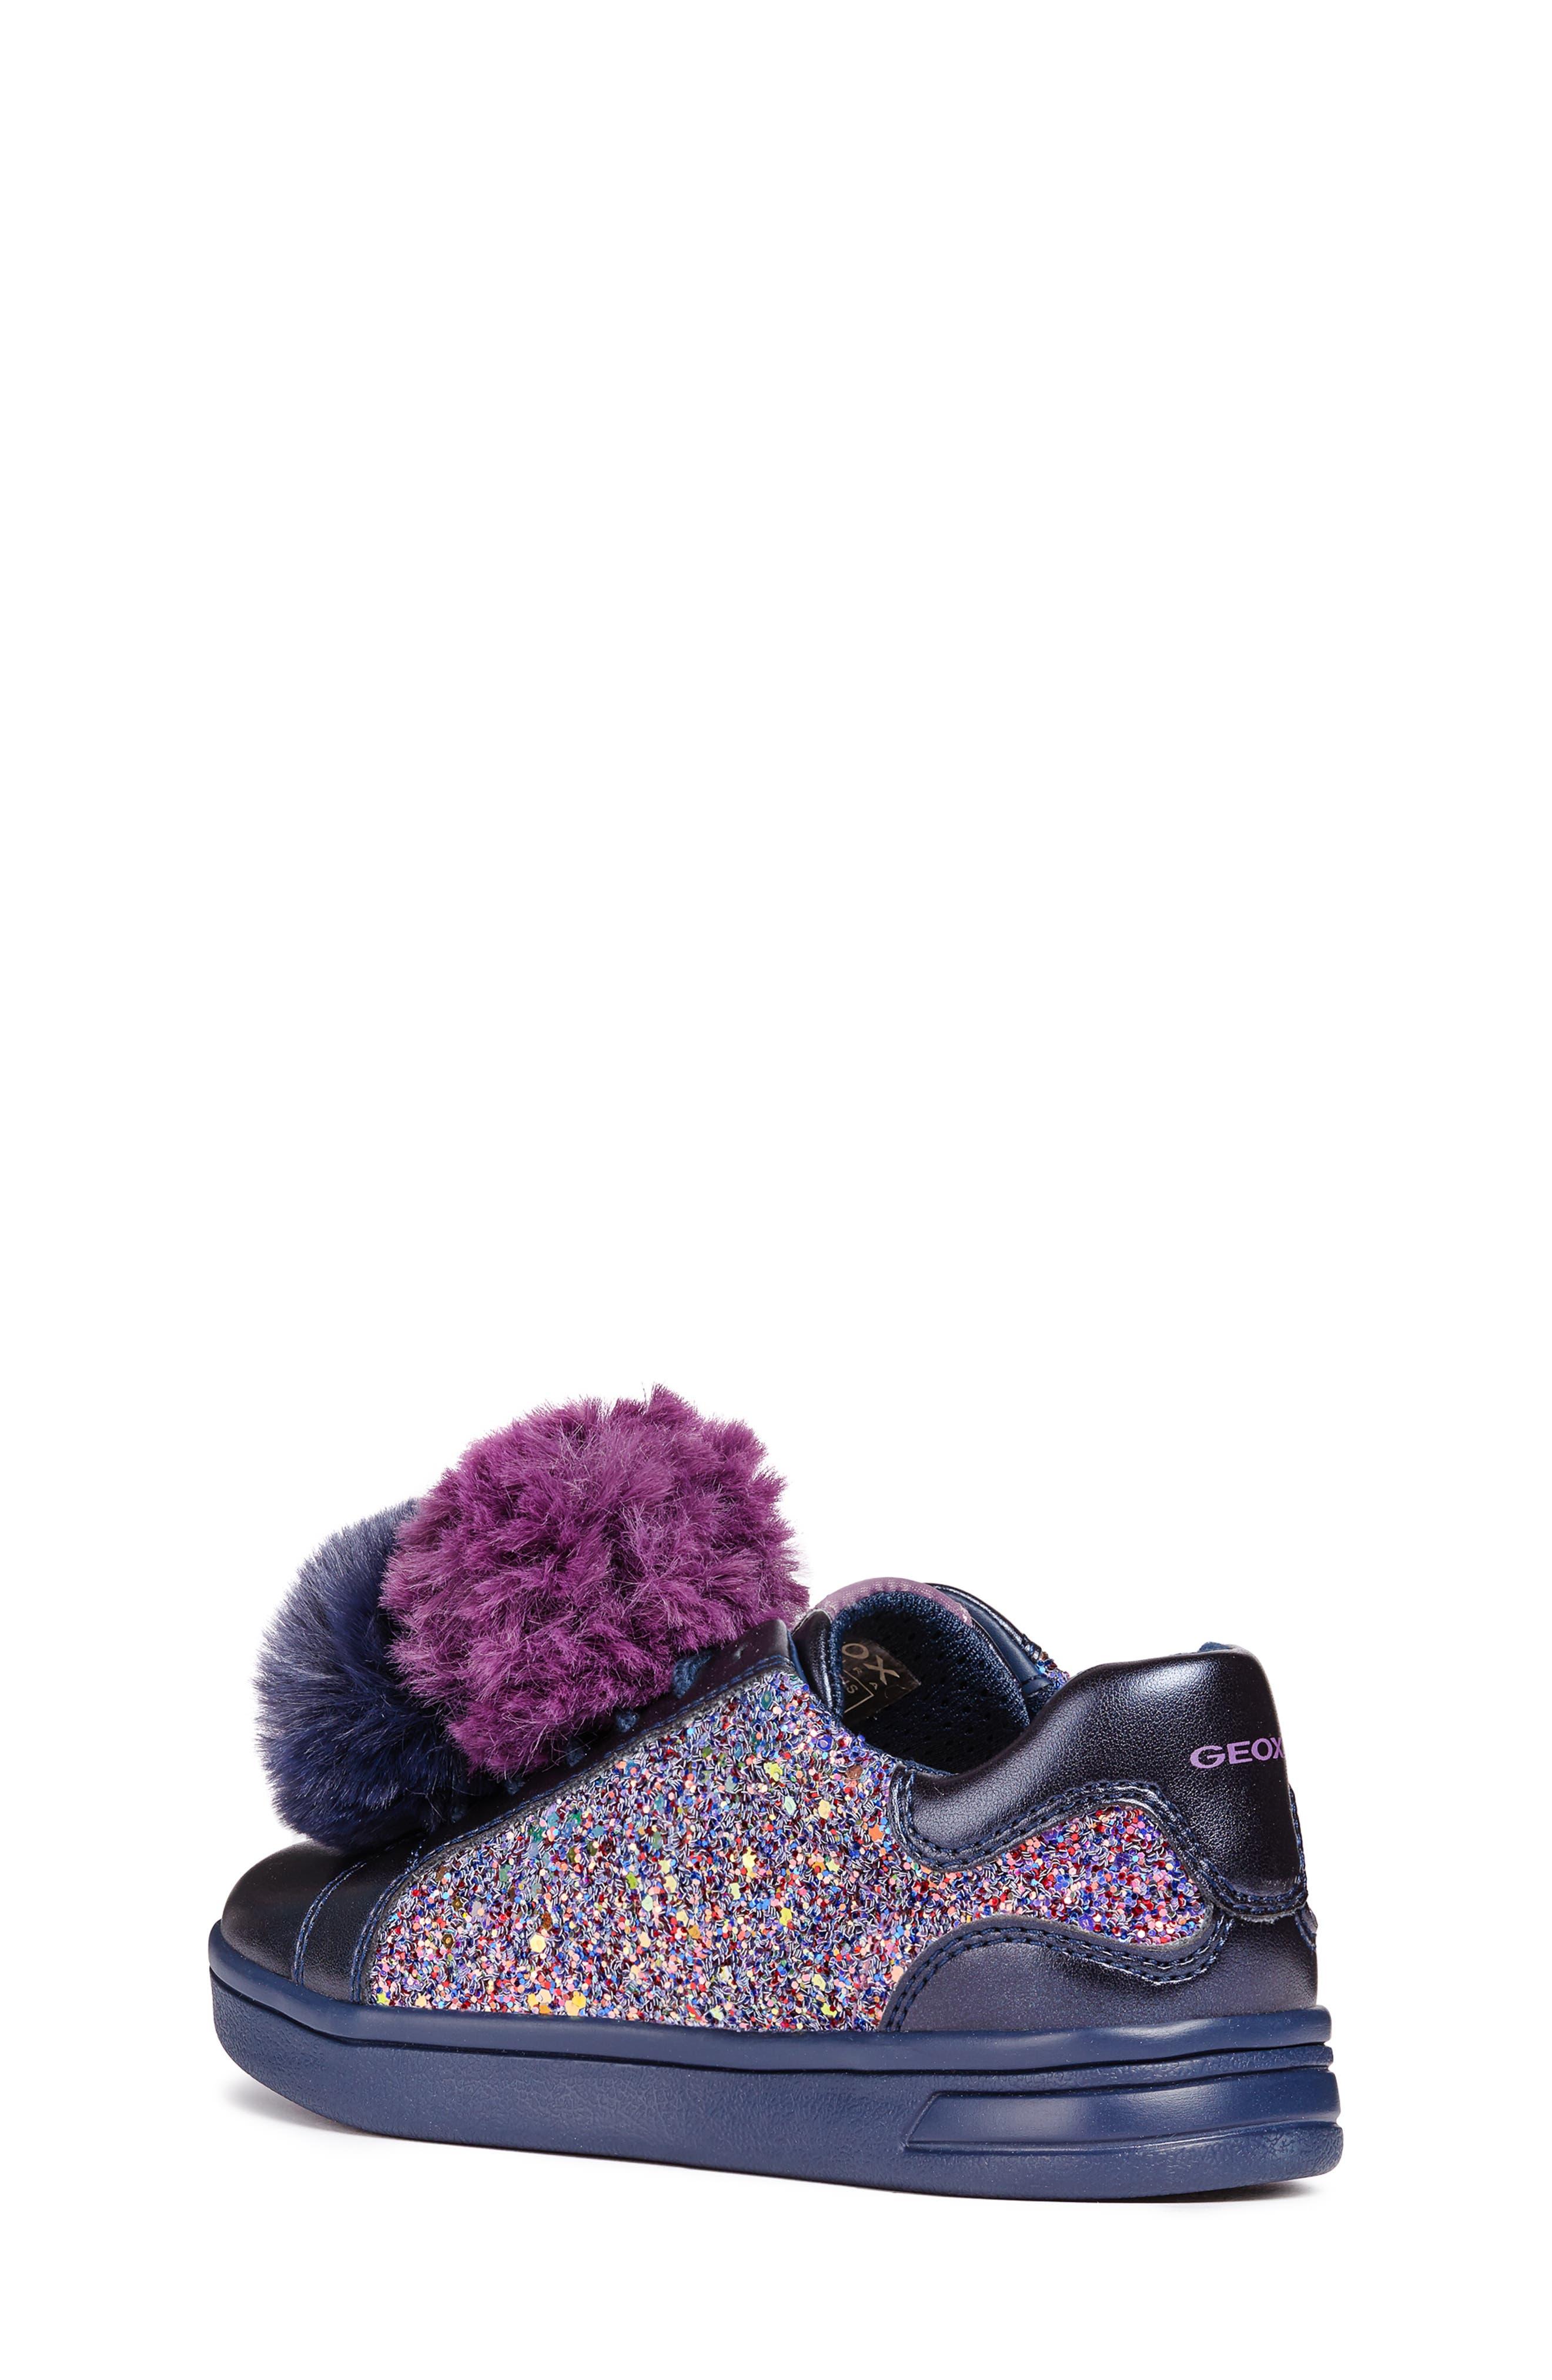 DJ Rock Glitter Pompom Sneaker,                             Alternate thumbnail 2, color,                             NAVY/LT PRUNE